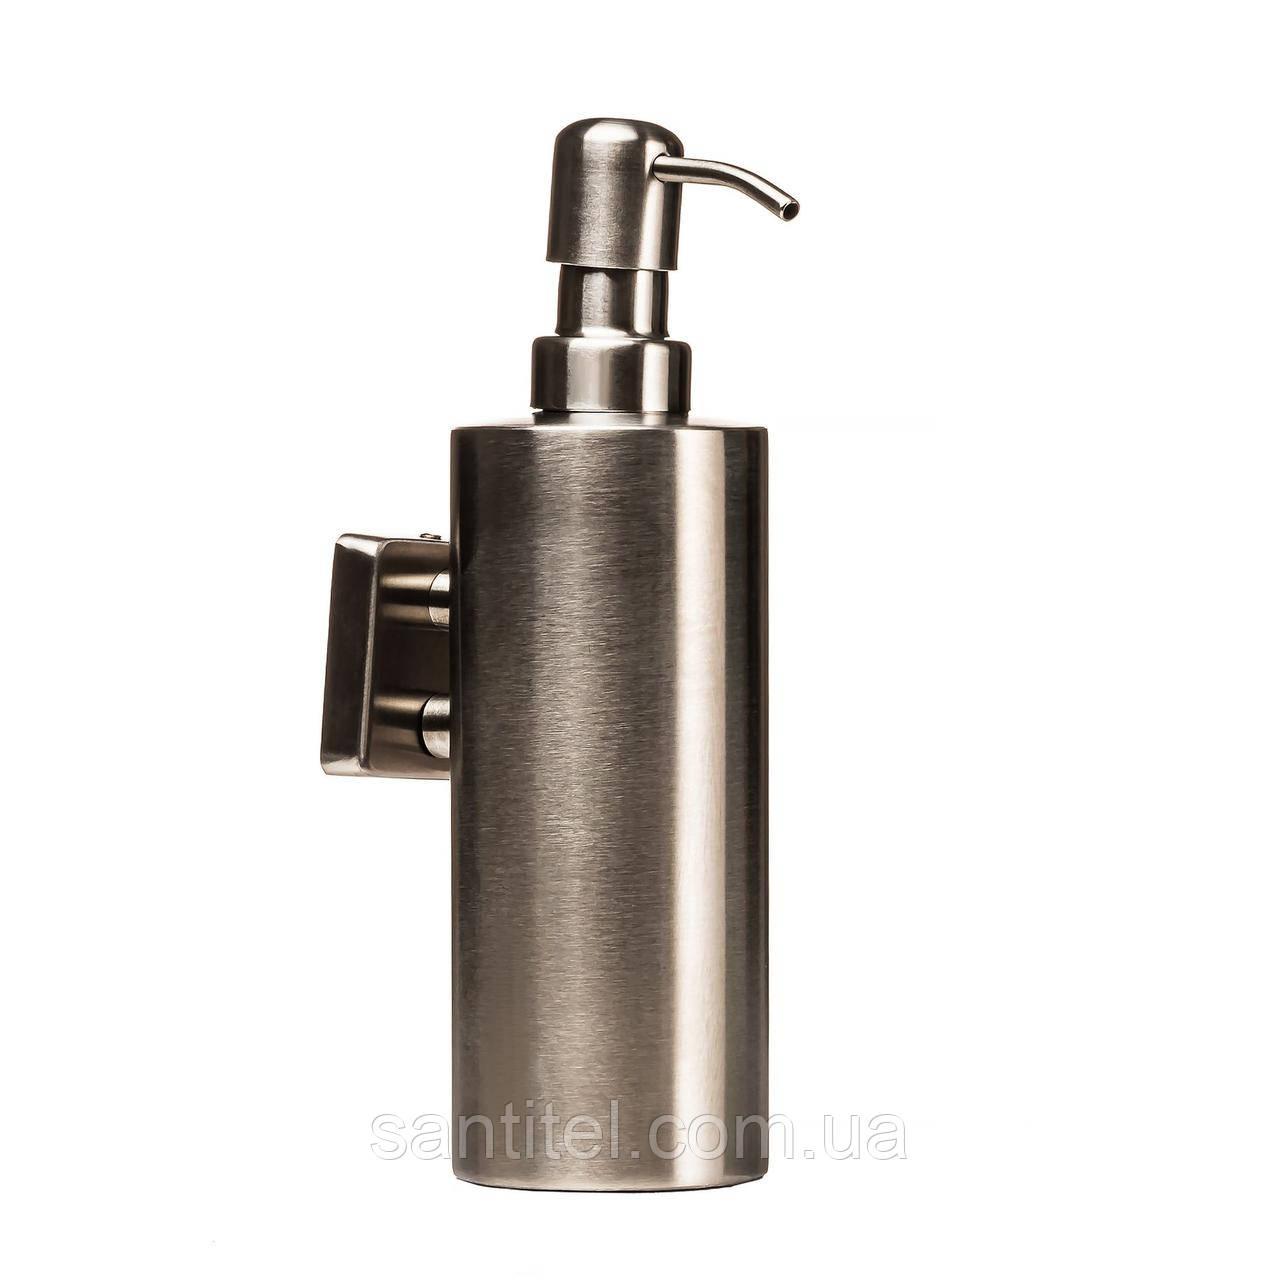 Дозатор жидкого мыла Globus Lux SQ 9432